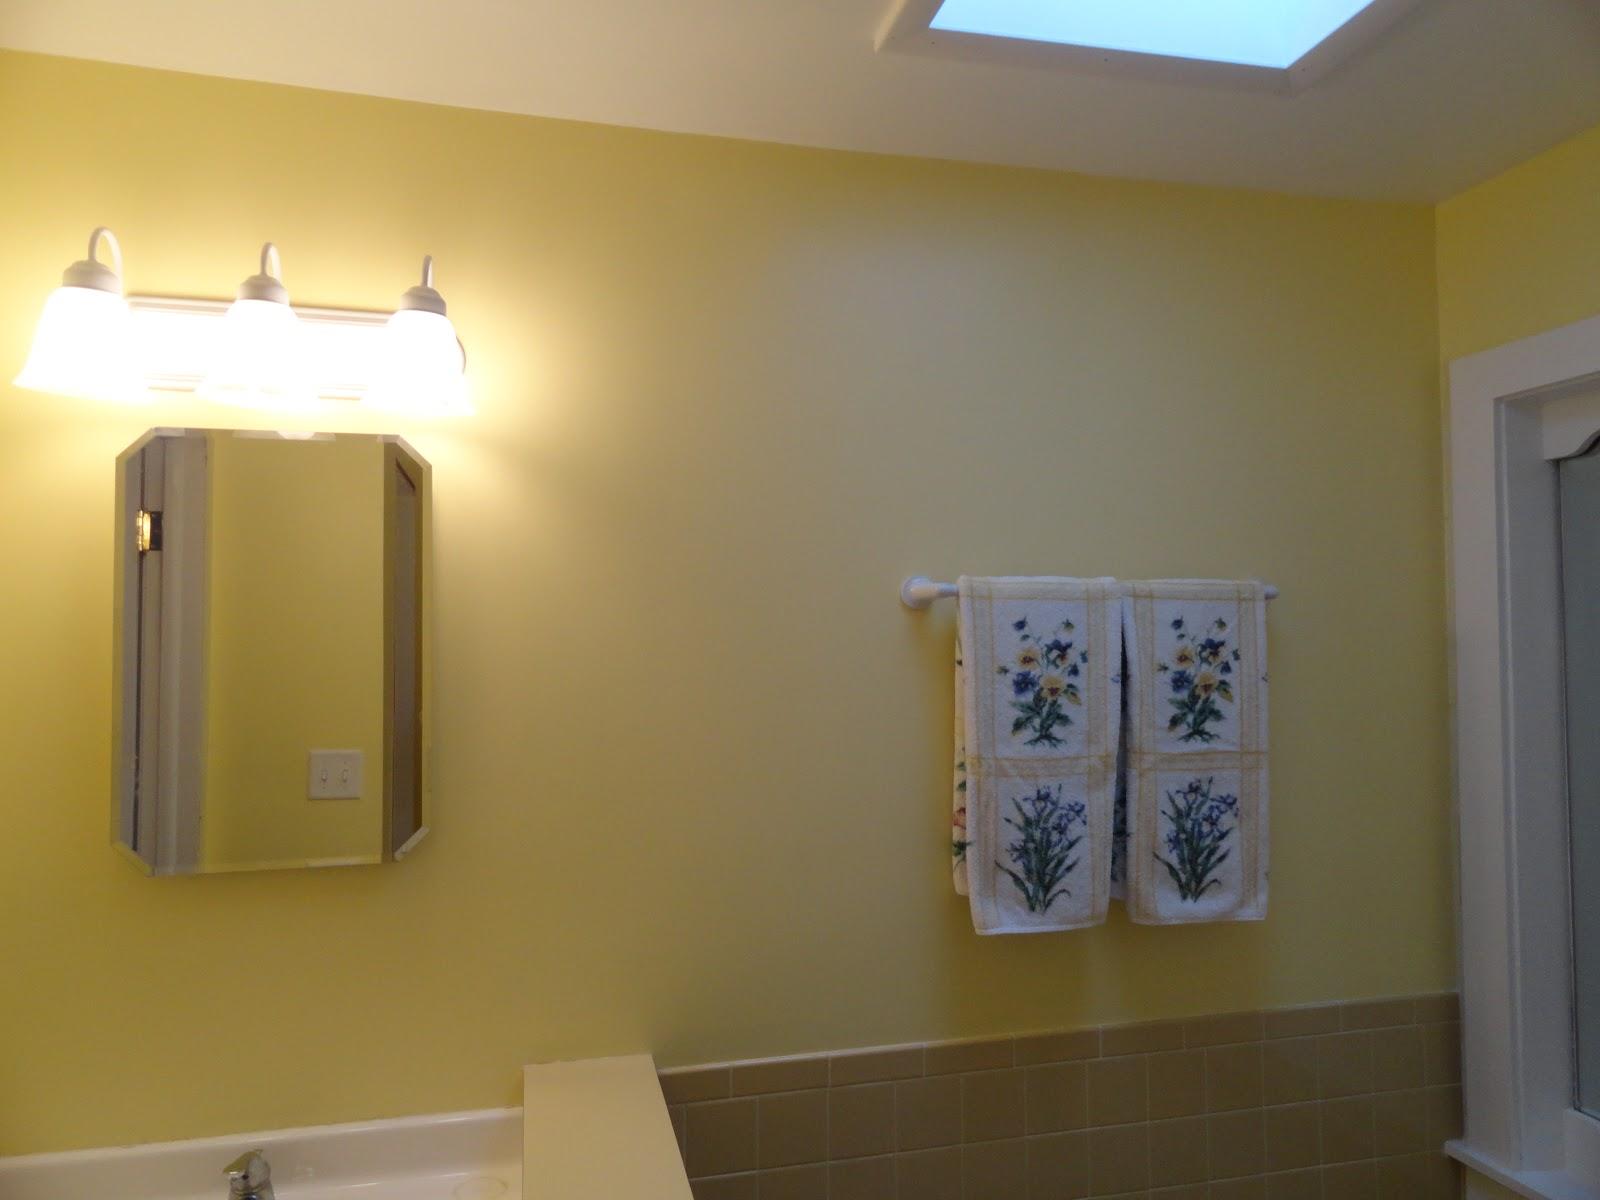 Ejk blog april 2012 for Bathroom upgrades